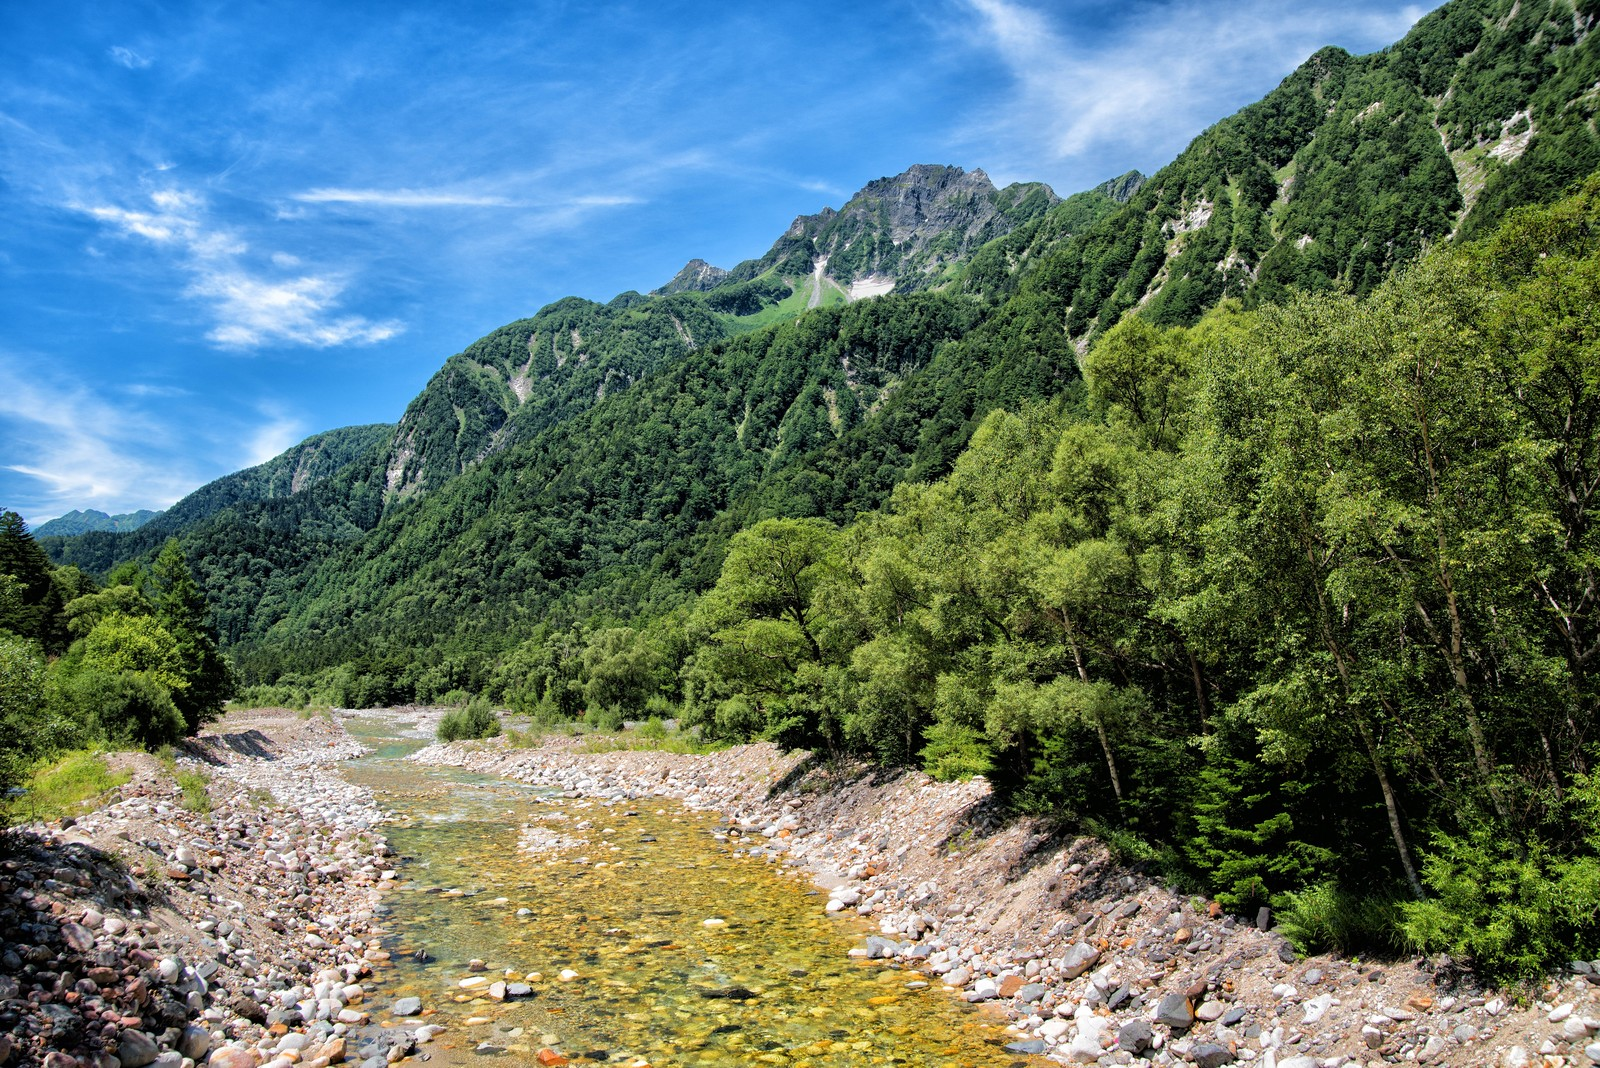 「梓川から見る明神岳の眺め」の写真